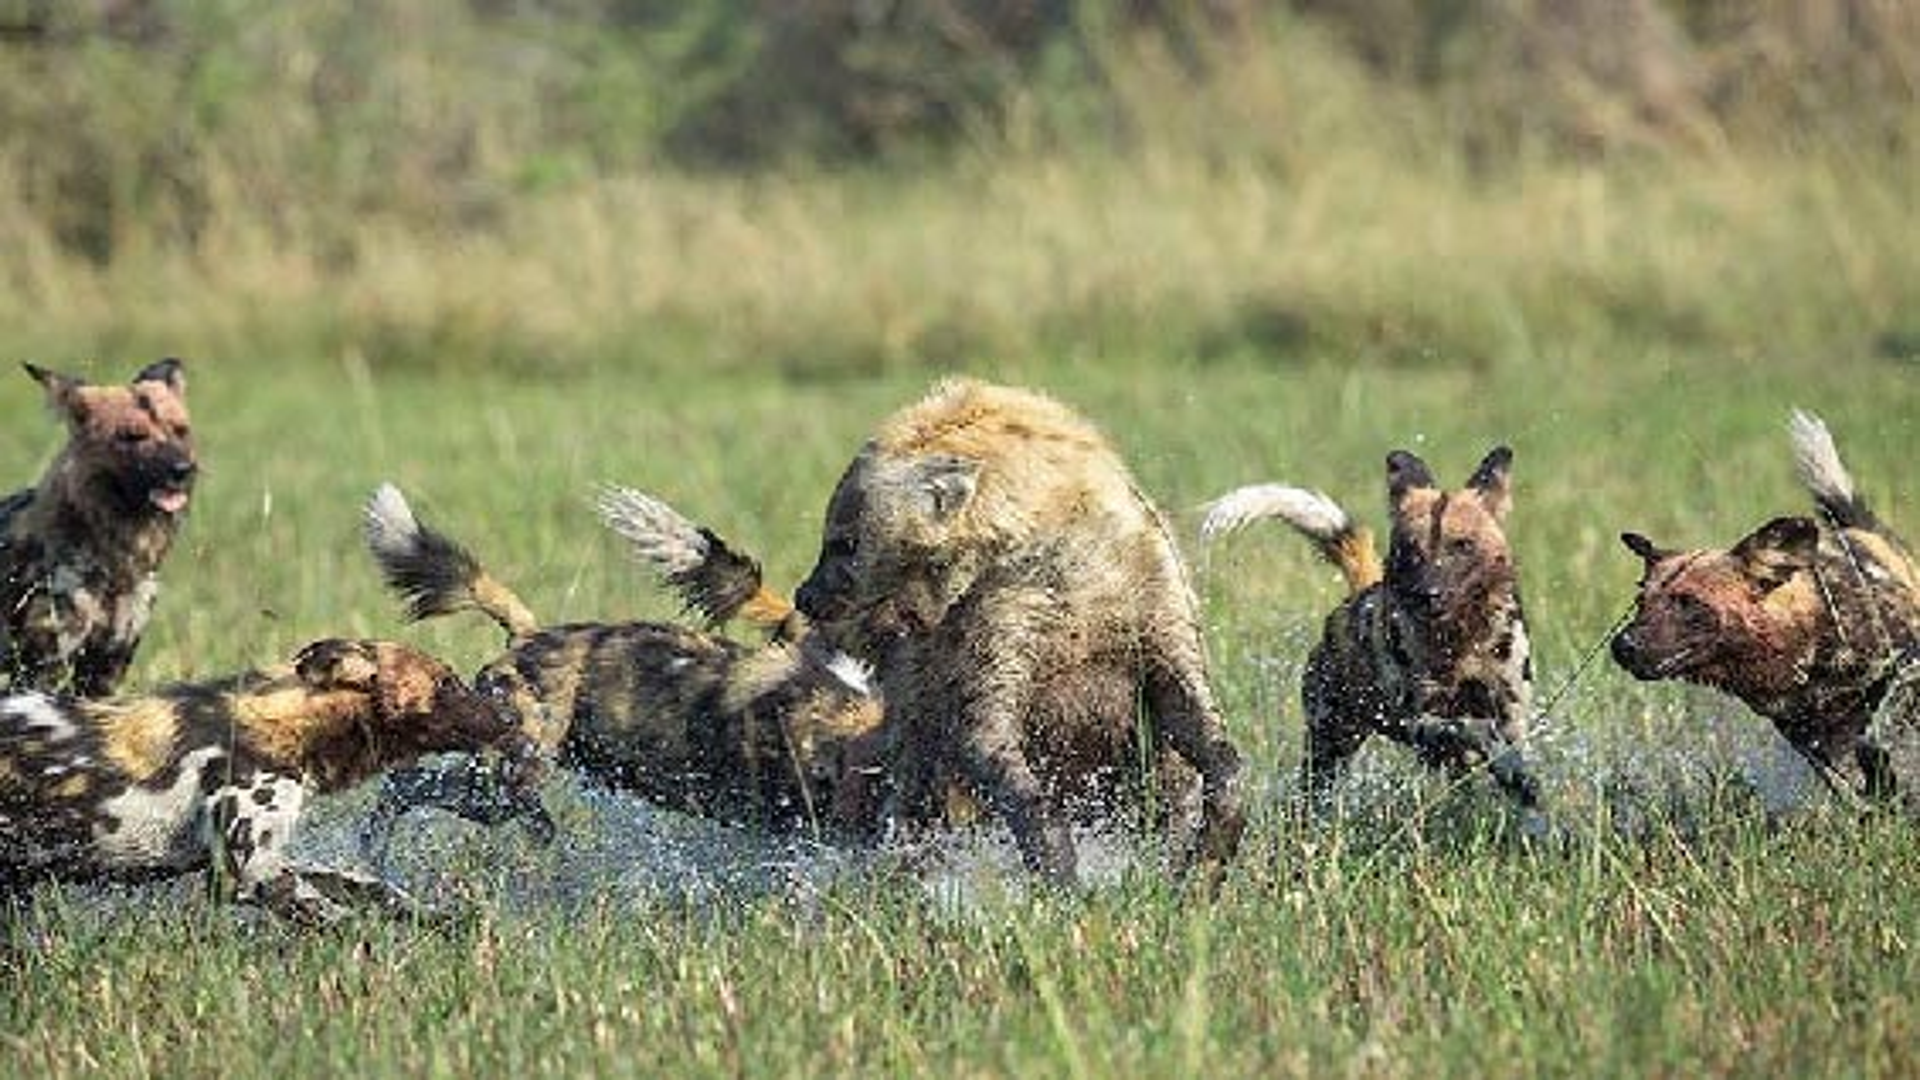 حمله سگهای وحشی به کفتار تنها   فیلم